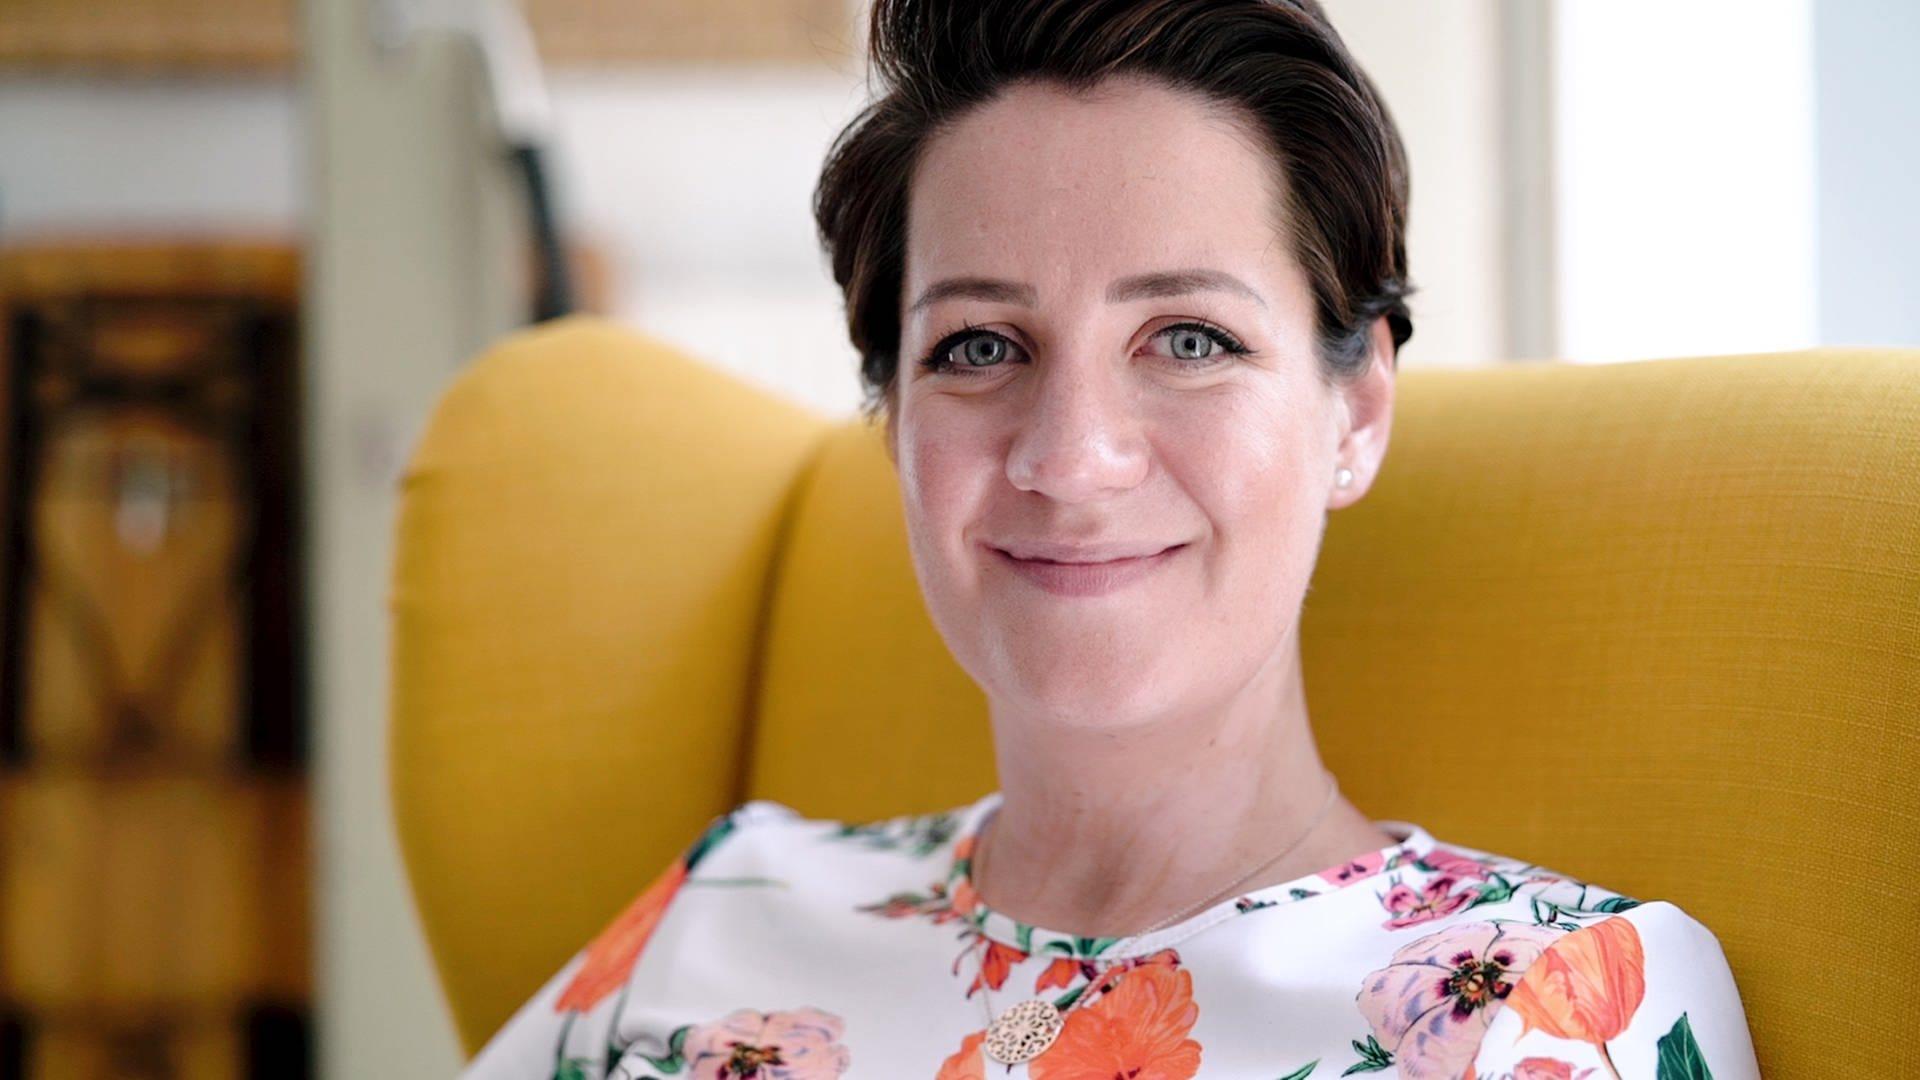 Sandra aus Stuttgart ist brünett, sitzt auf einem gelben Sessel und schaut in die Kamera